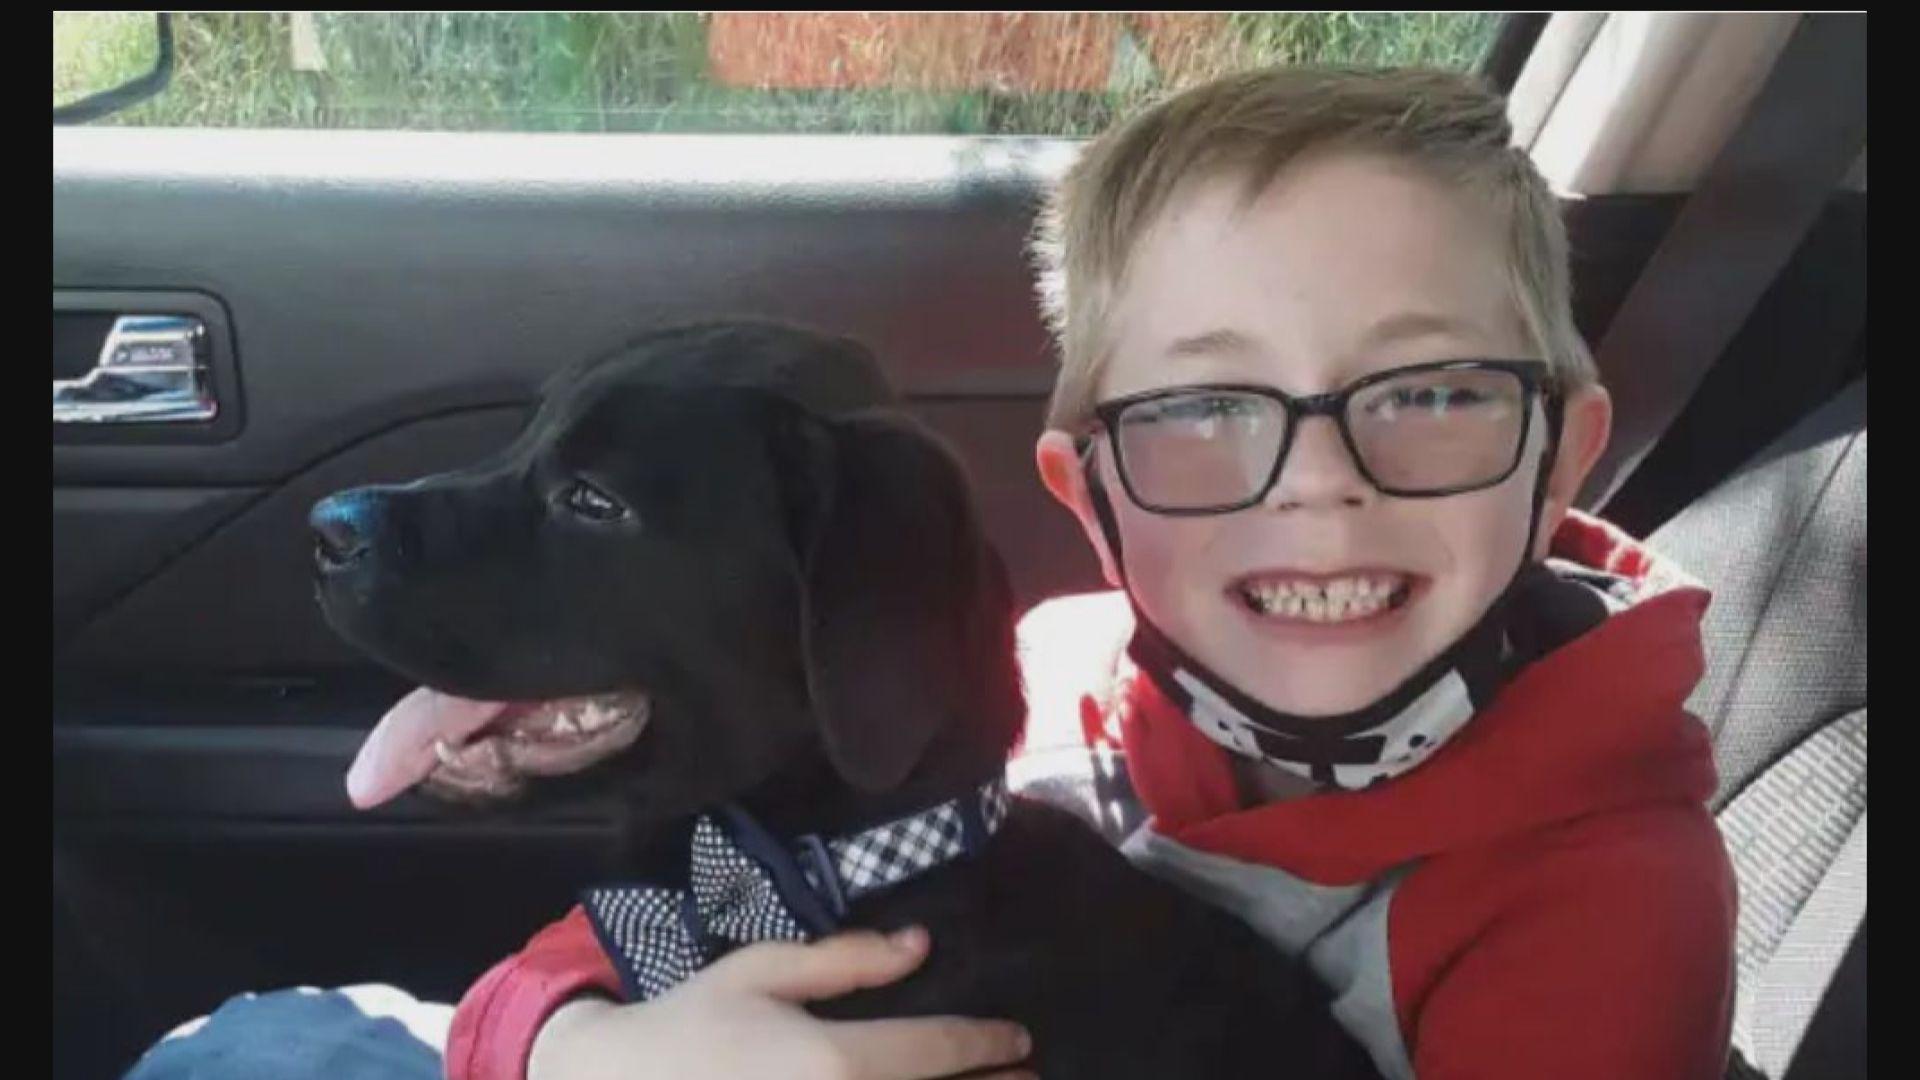 【環球薈報】為治療家中小狗 男童割愛出售珍藏